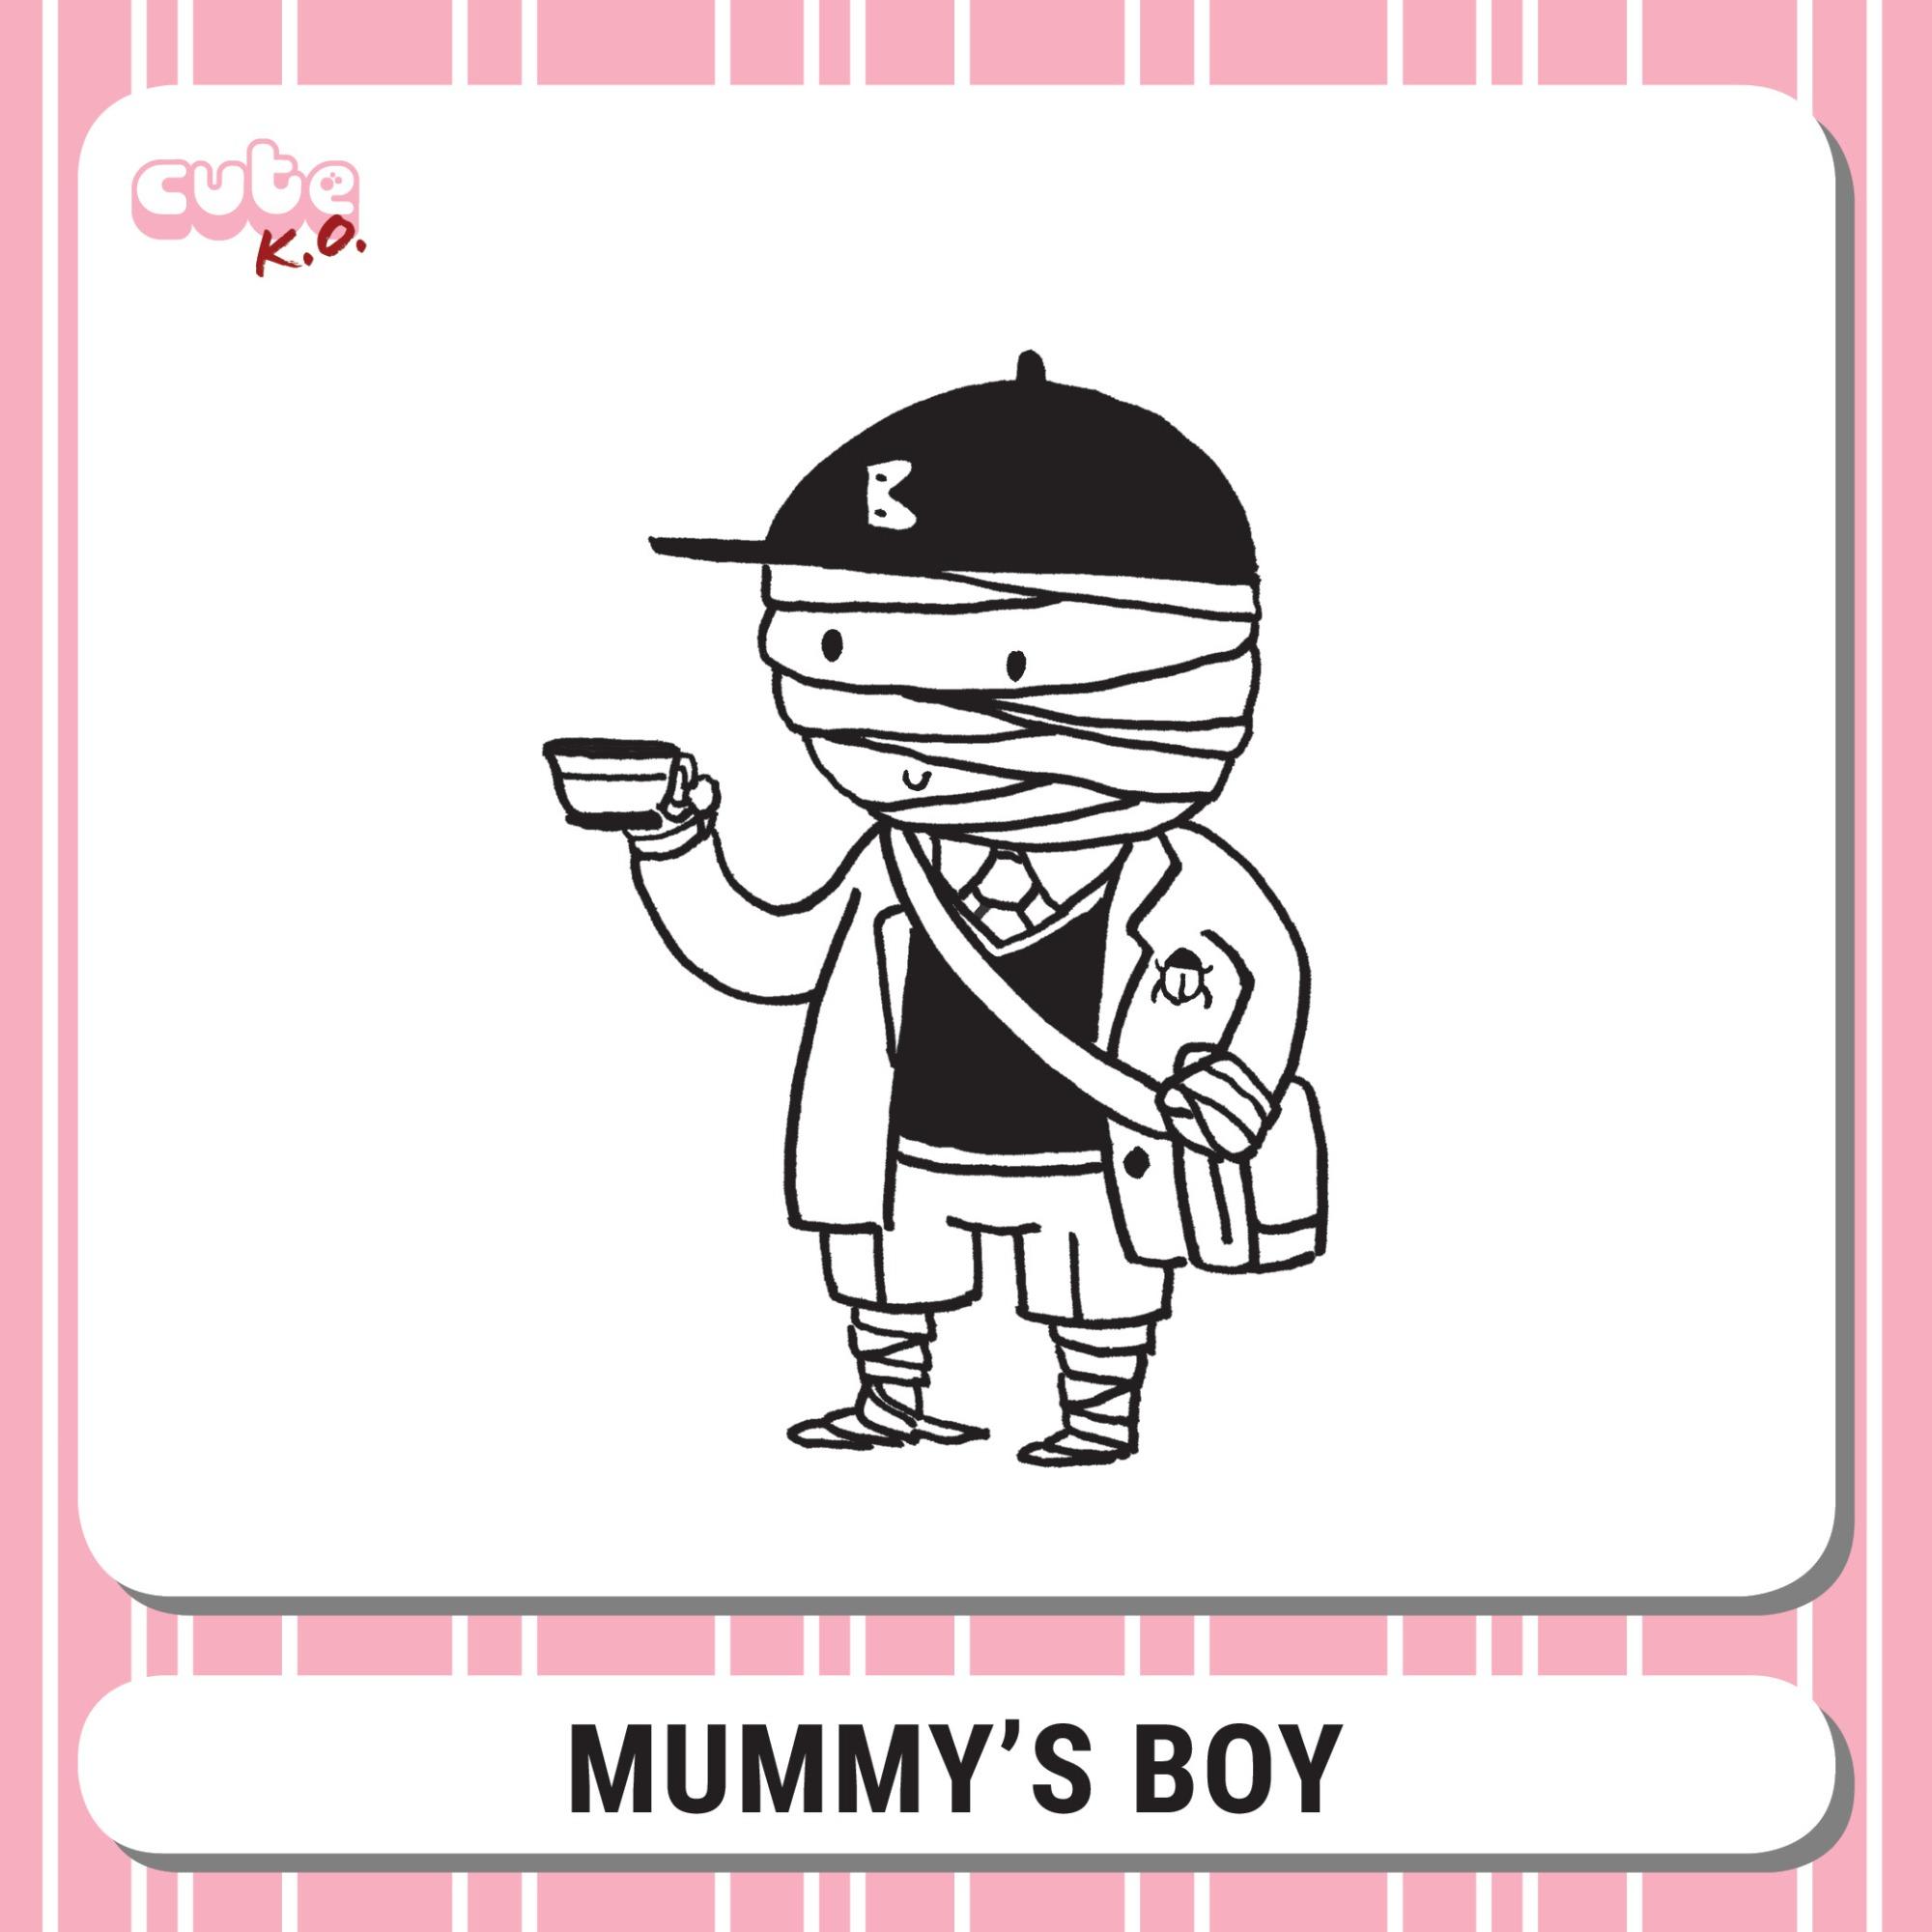 Cute K.O. 2019 Round One: Mummy's Boy